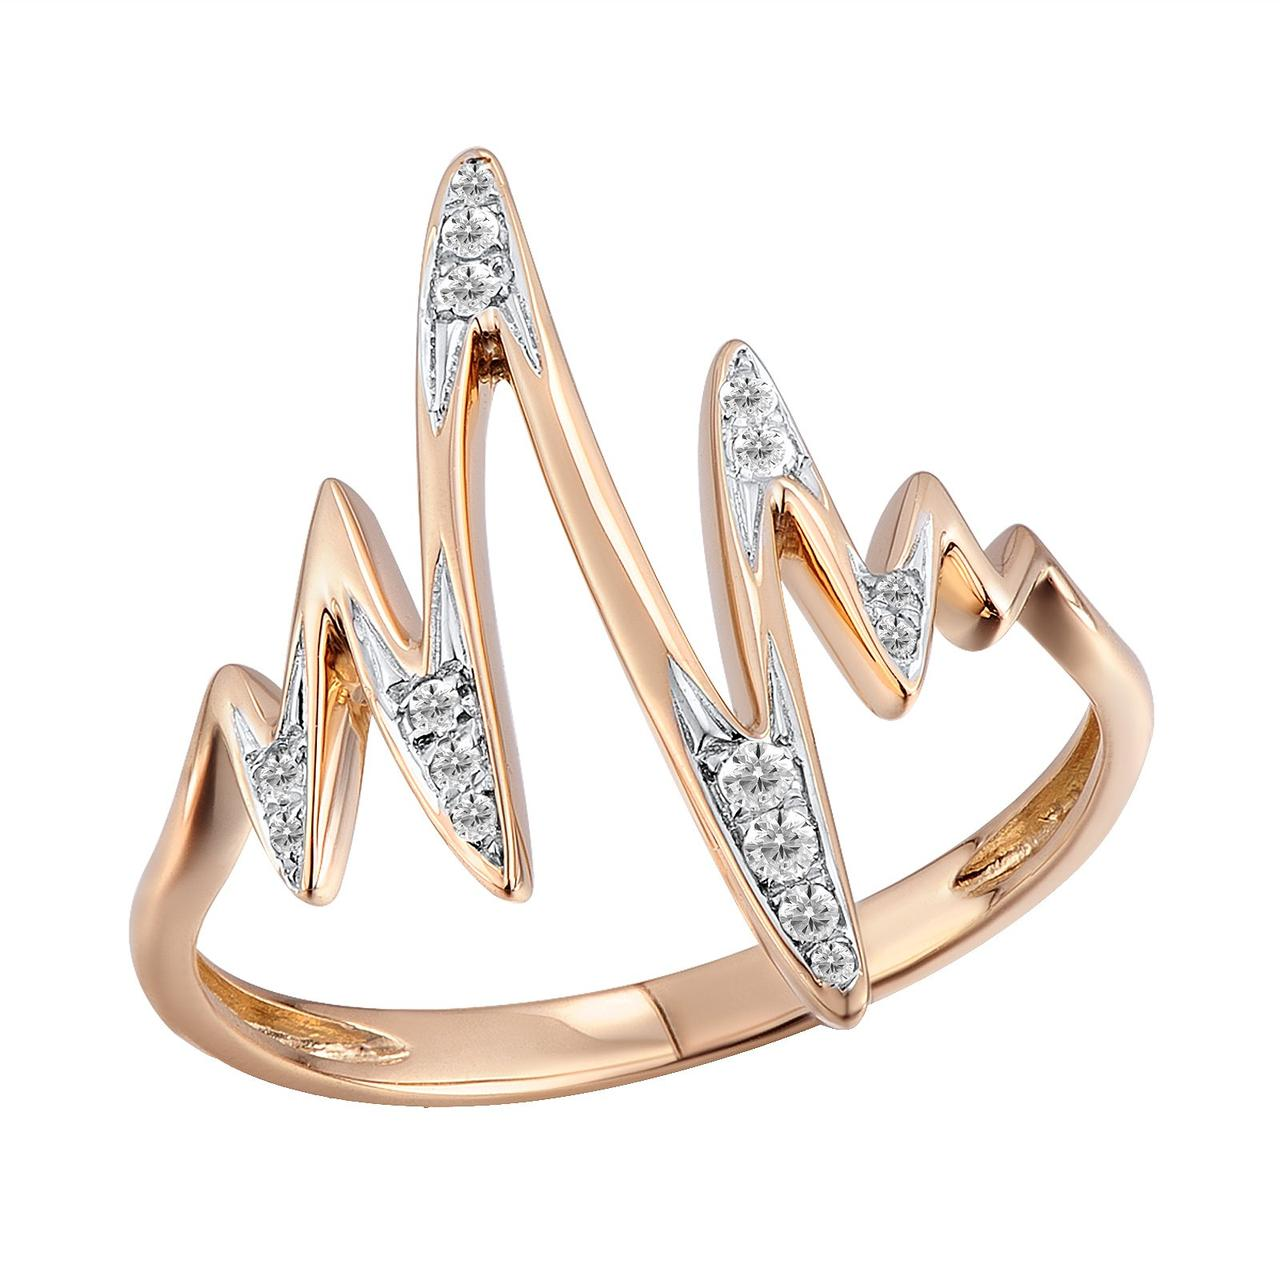 Золотое кольцо с бриллиантами, размер 16.5 (813720)